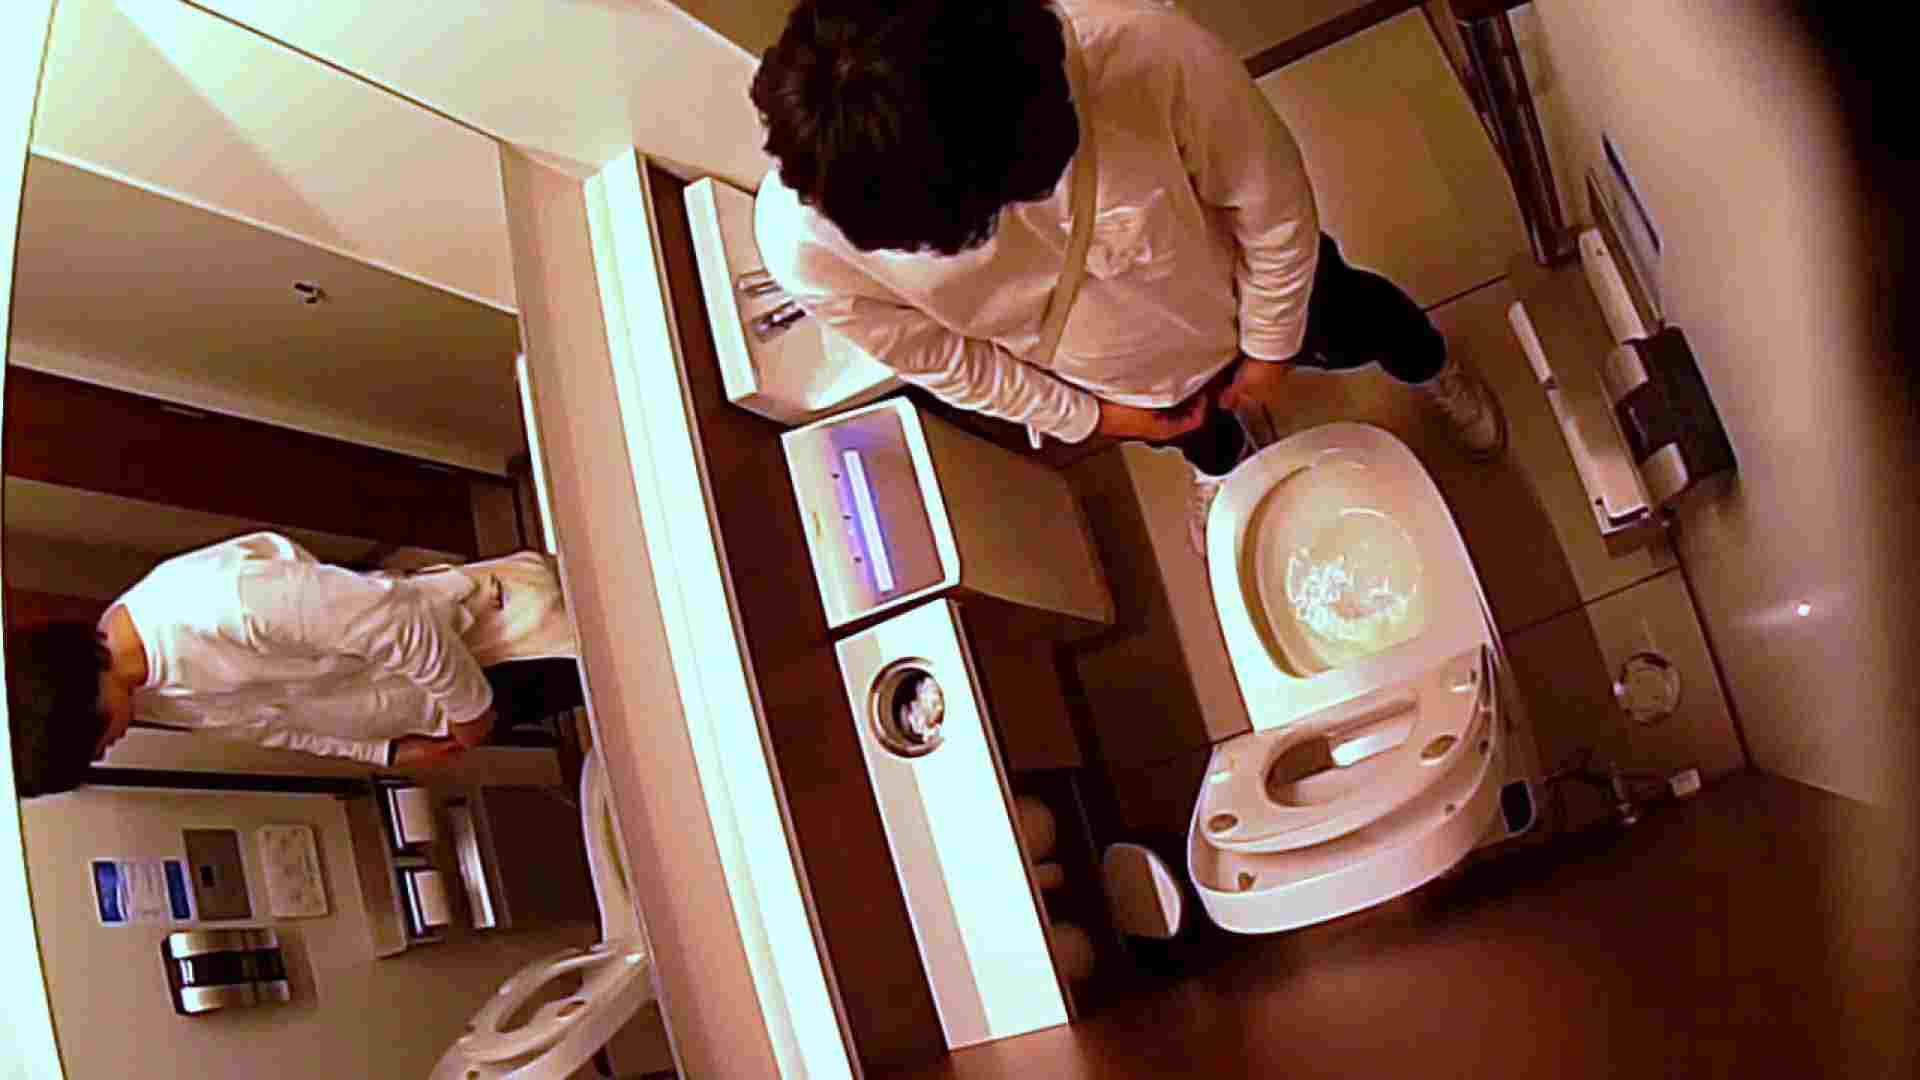 すみませんが覗かせてください Vol.32 トイレ | 0  102pic 99